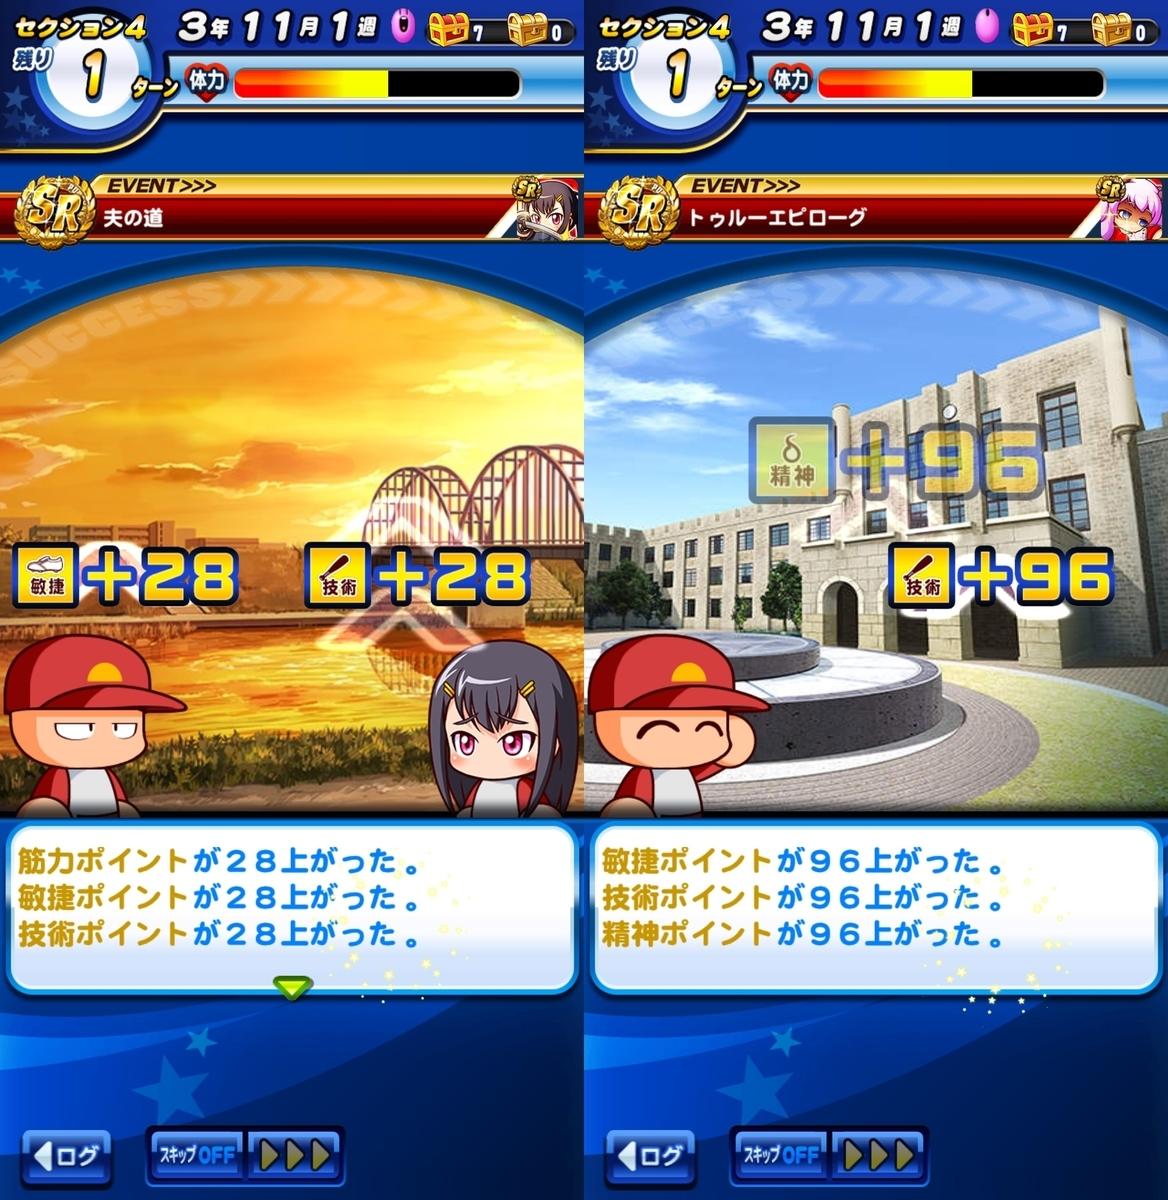 f:id:arimurasaji:20210704125947j:plain